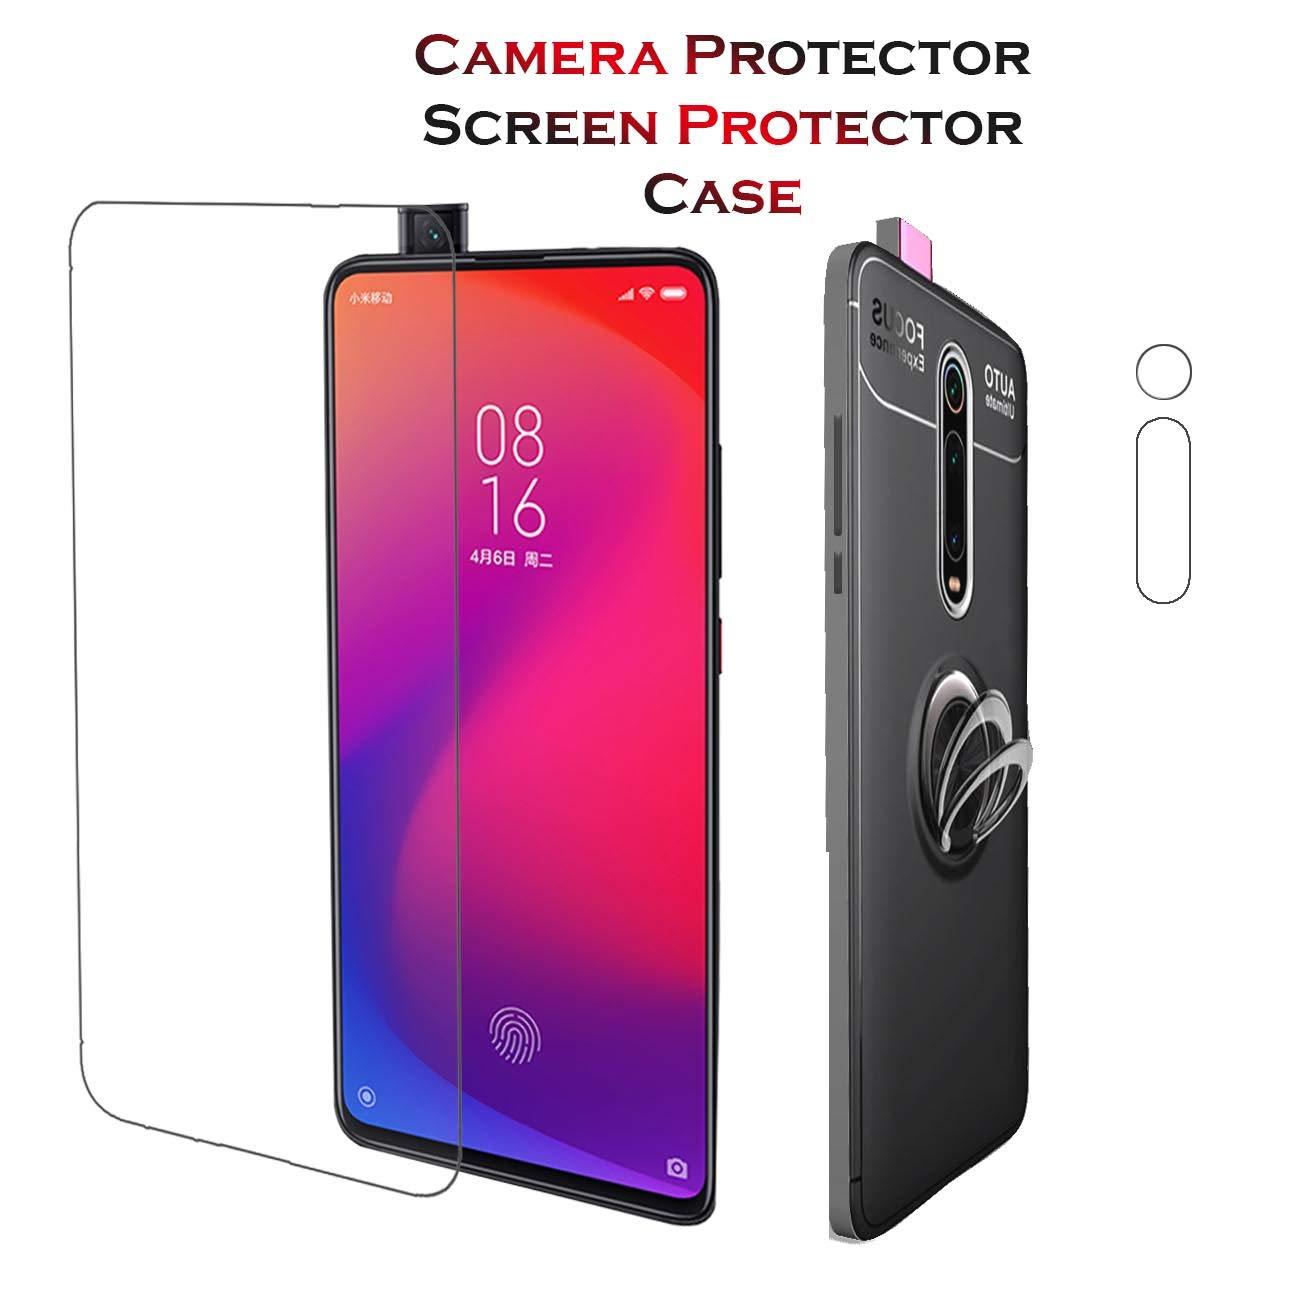 Funda Con Vidrio Y Camara Traseras Xiaomi Mi 9t